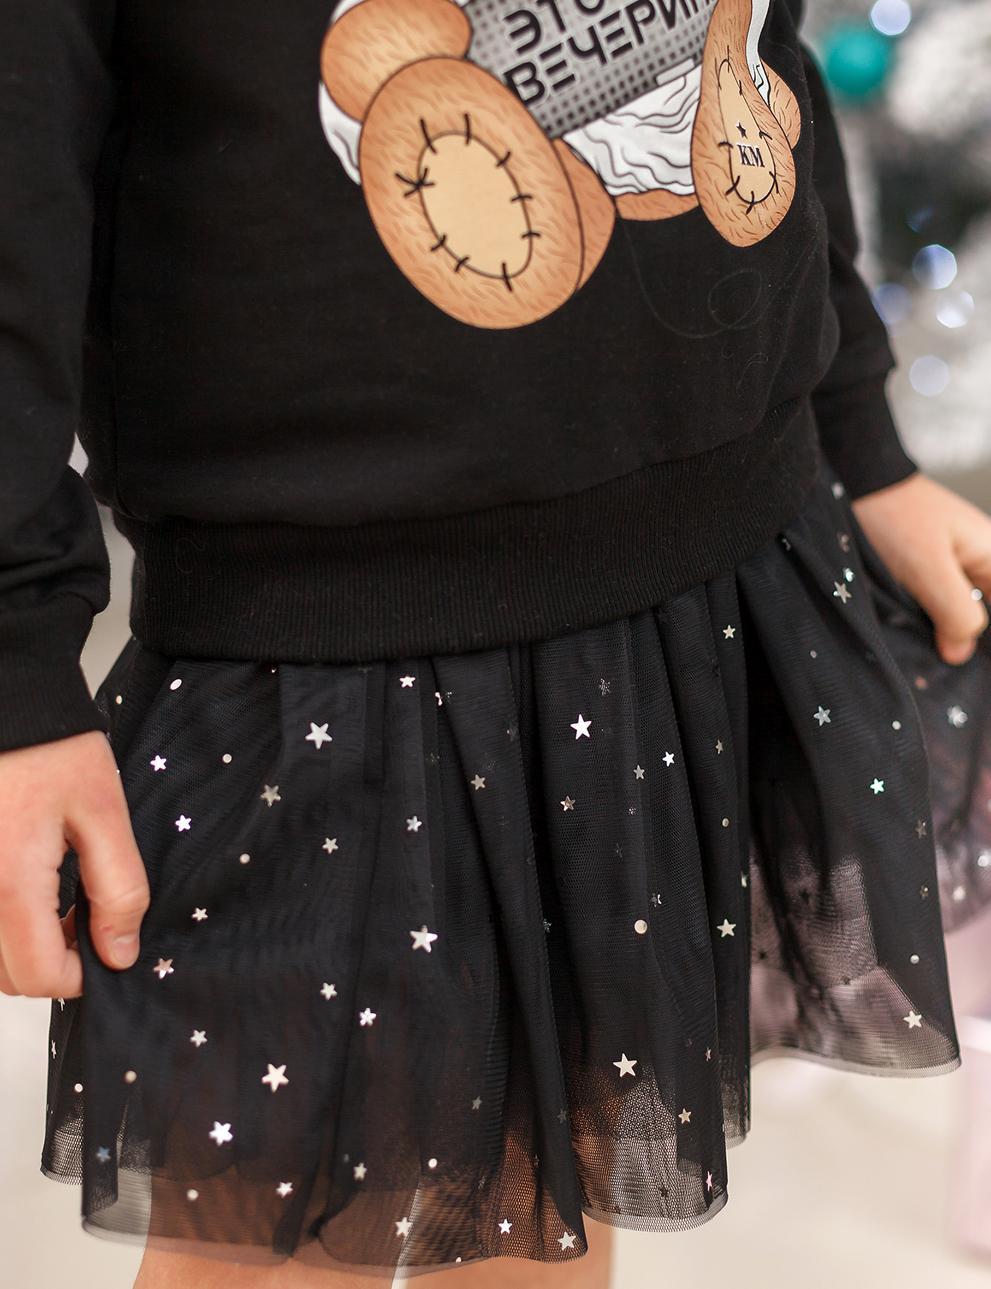 Юбка для девочки Miss KETMIN Звёздочки на чёрном